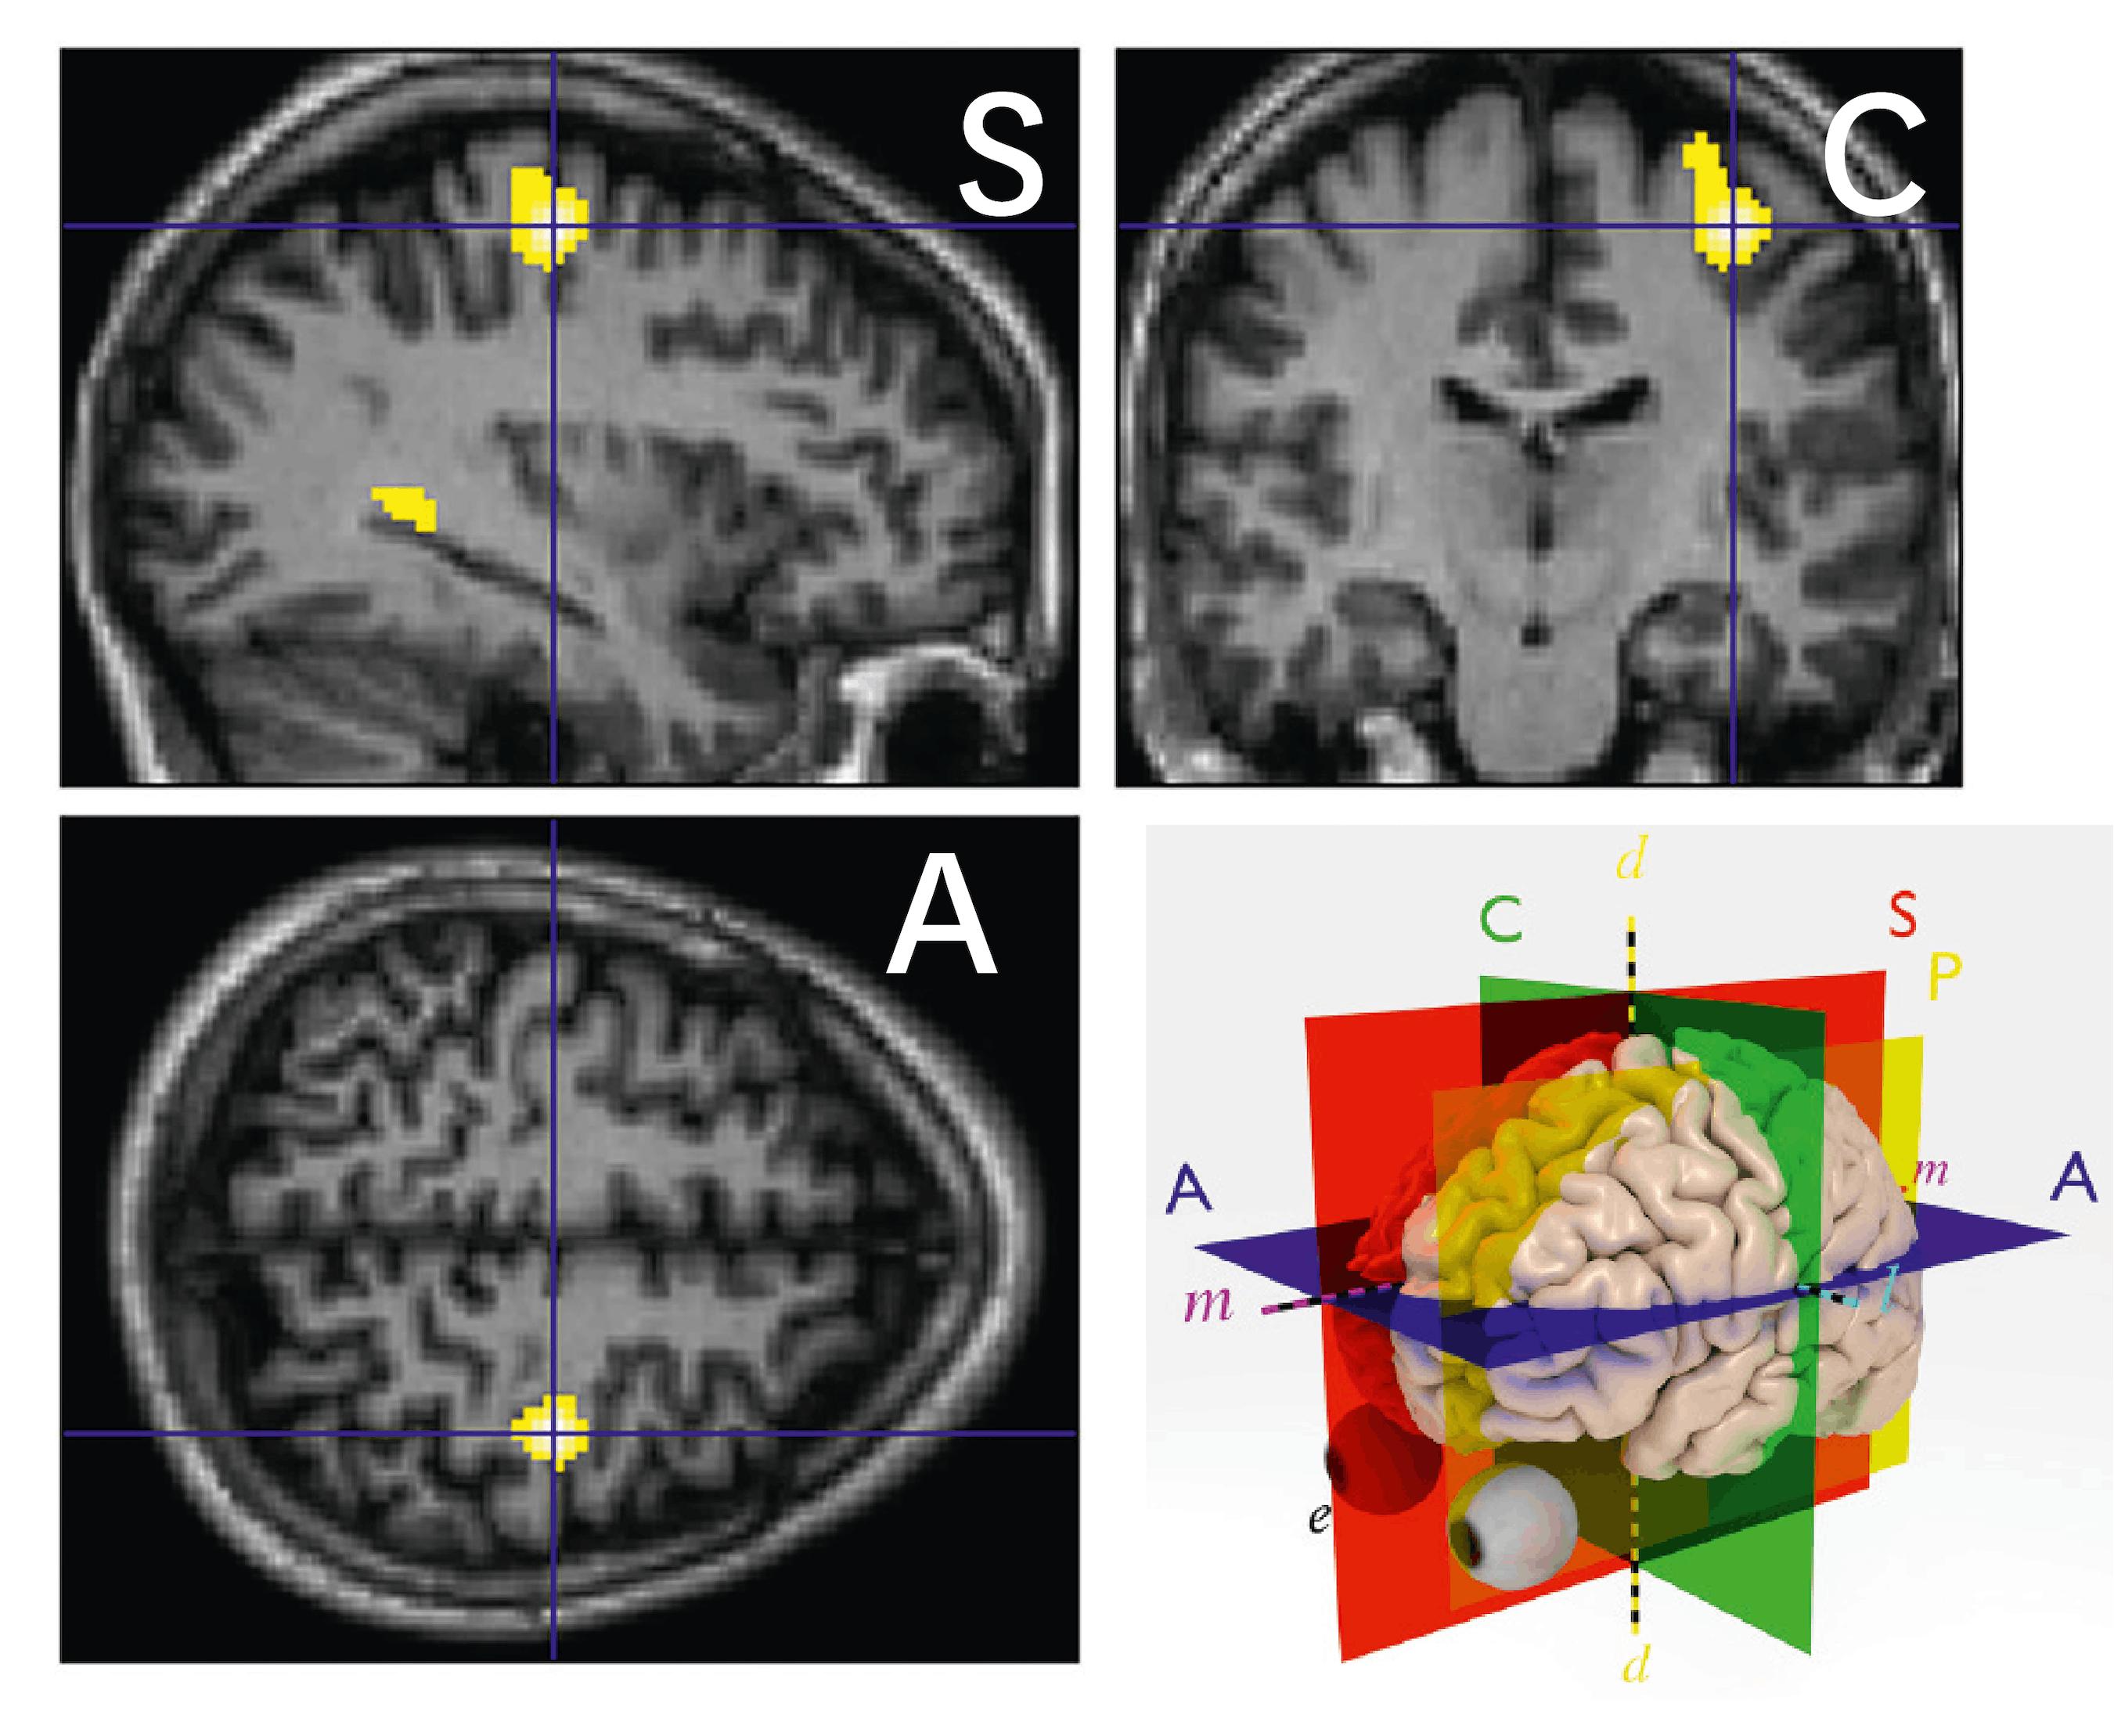 <stamp theme='svt-green1'>Doc. 5</stamp> Le cerveau du guitariste lorsqu'il utilise sa main gauche. Les zones jaunes sont des zones plus actives qu'en temps normal (main immobile). A = Axial ; S = Sagittal et C = Coronal.